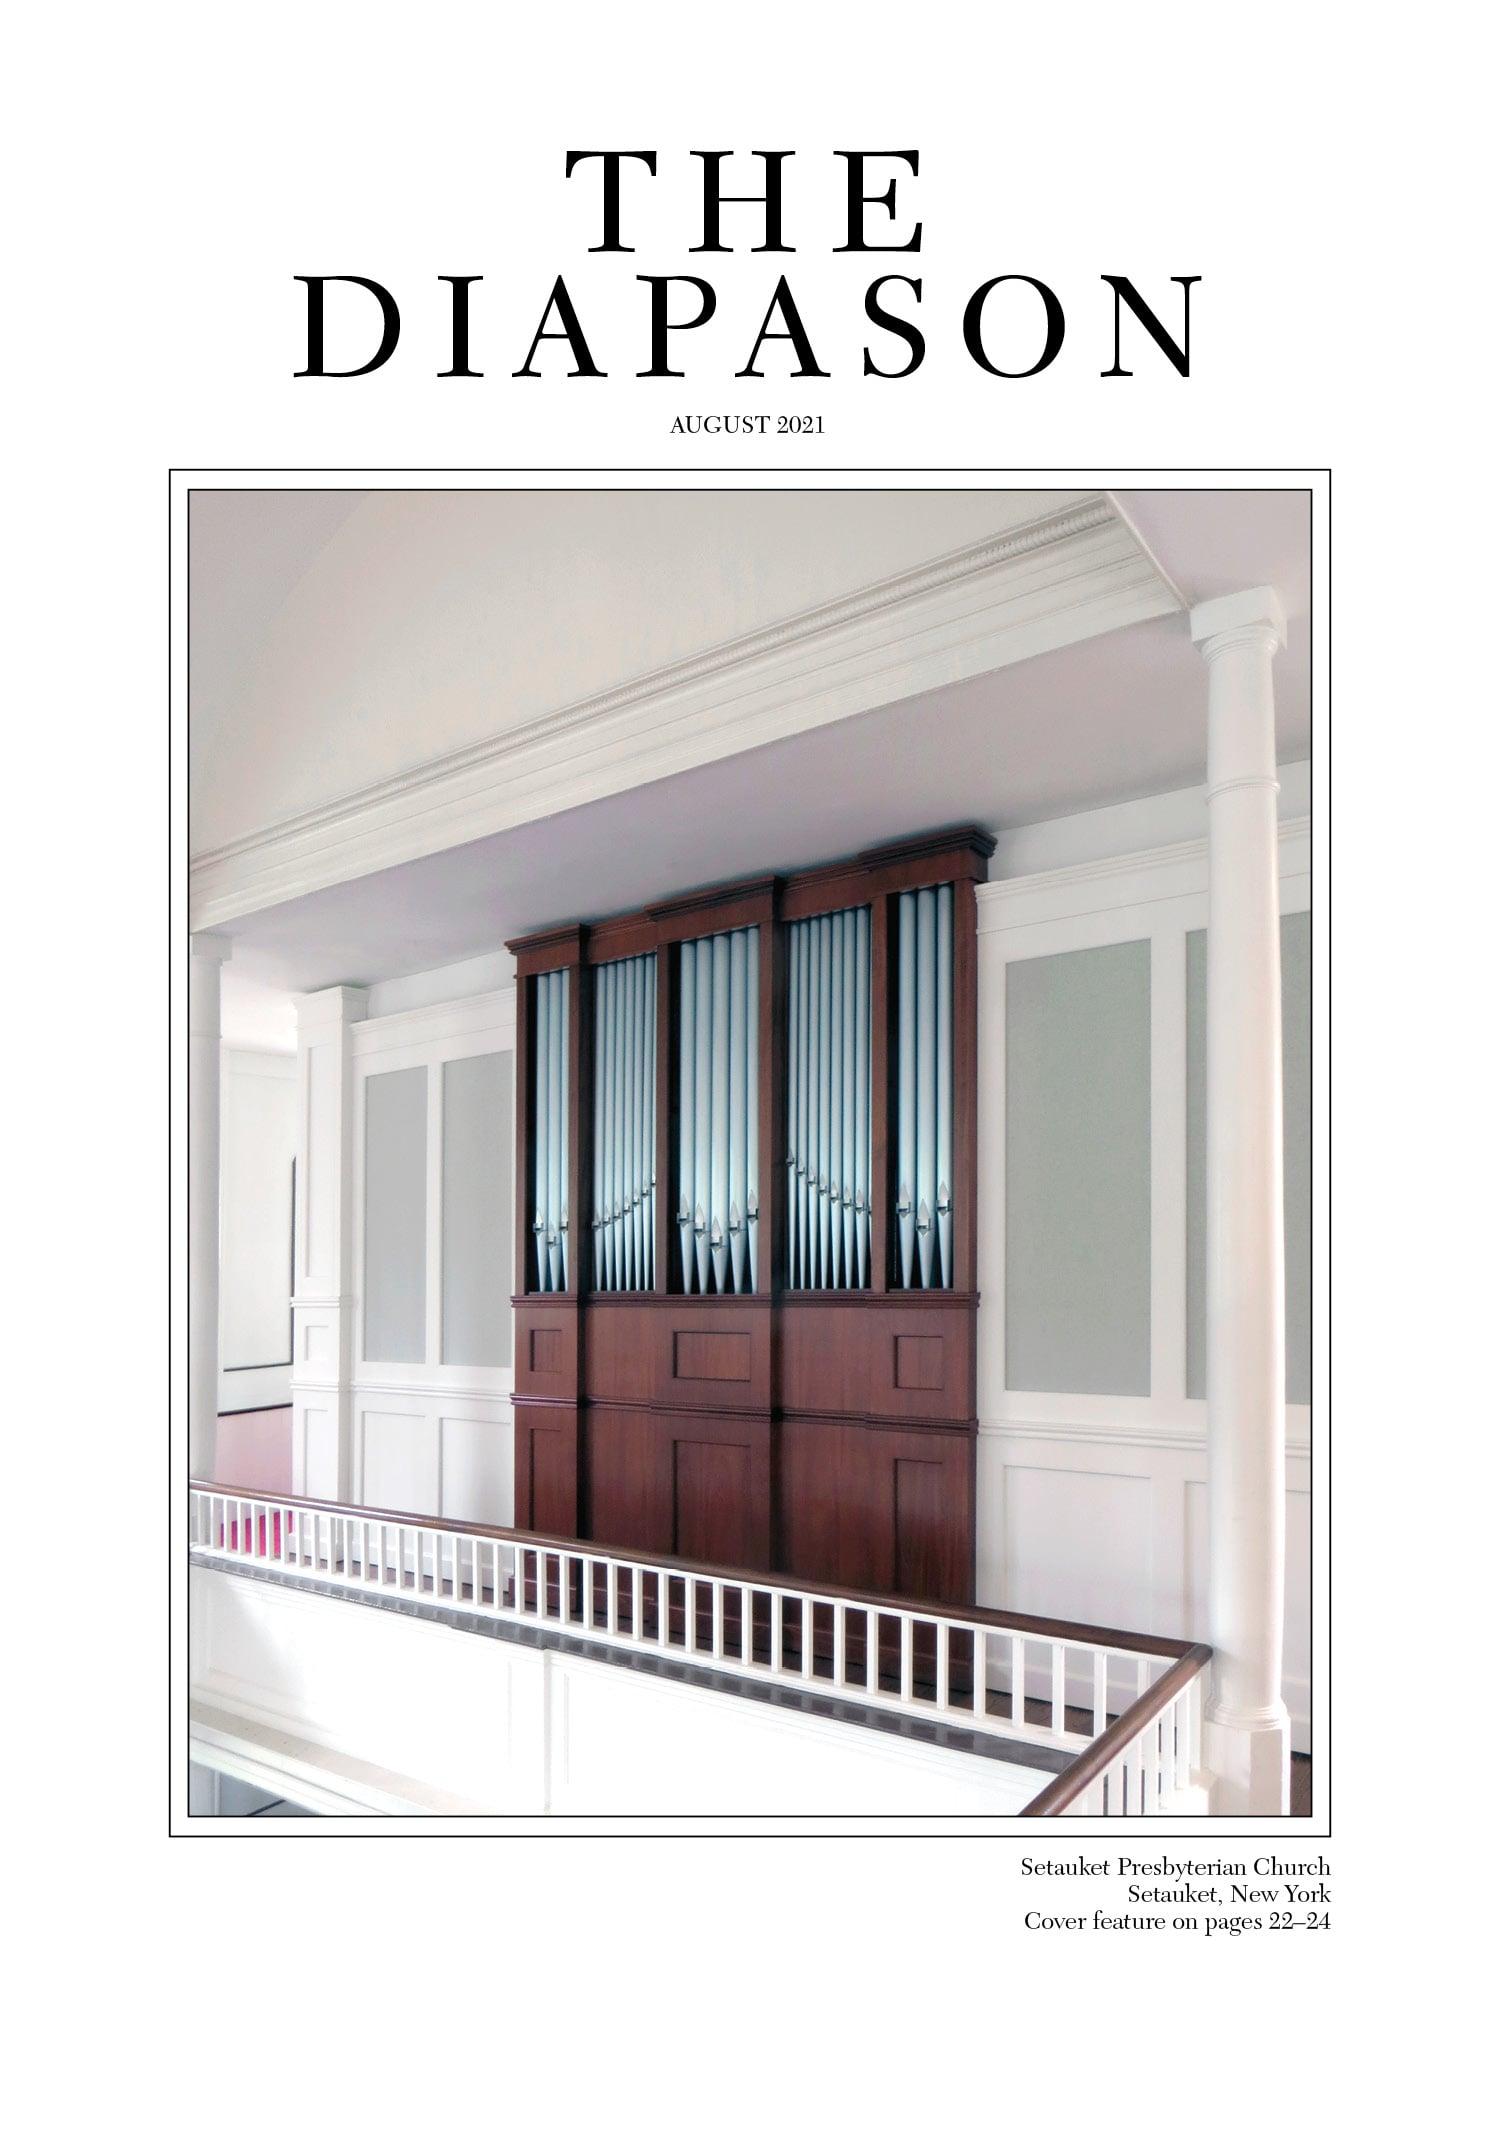 The Diapason August 2021 Cover art